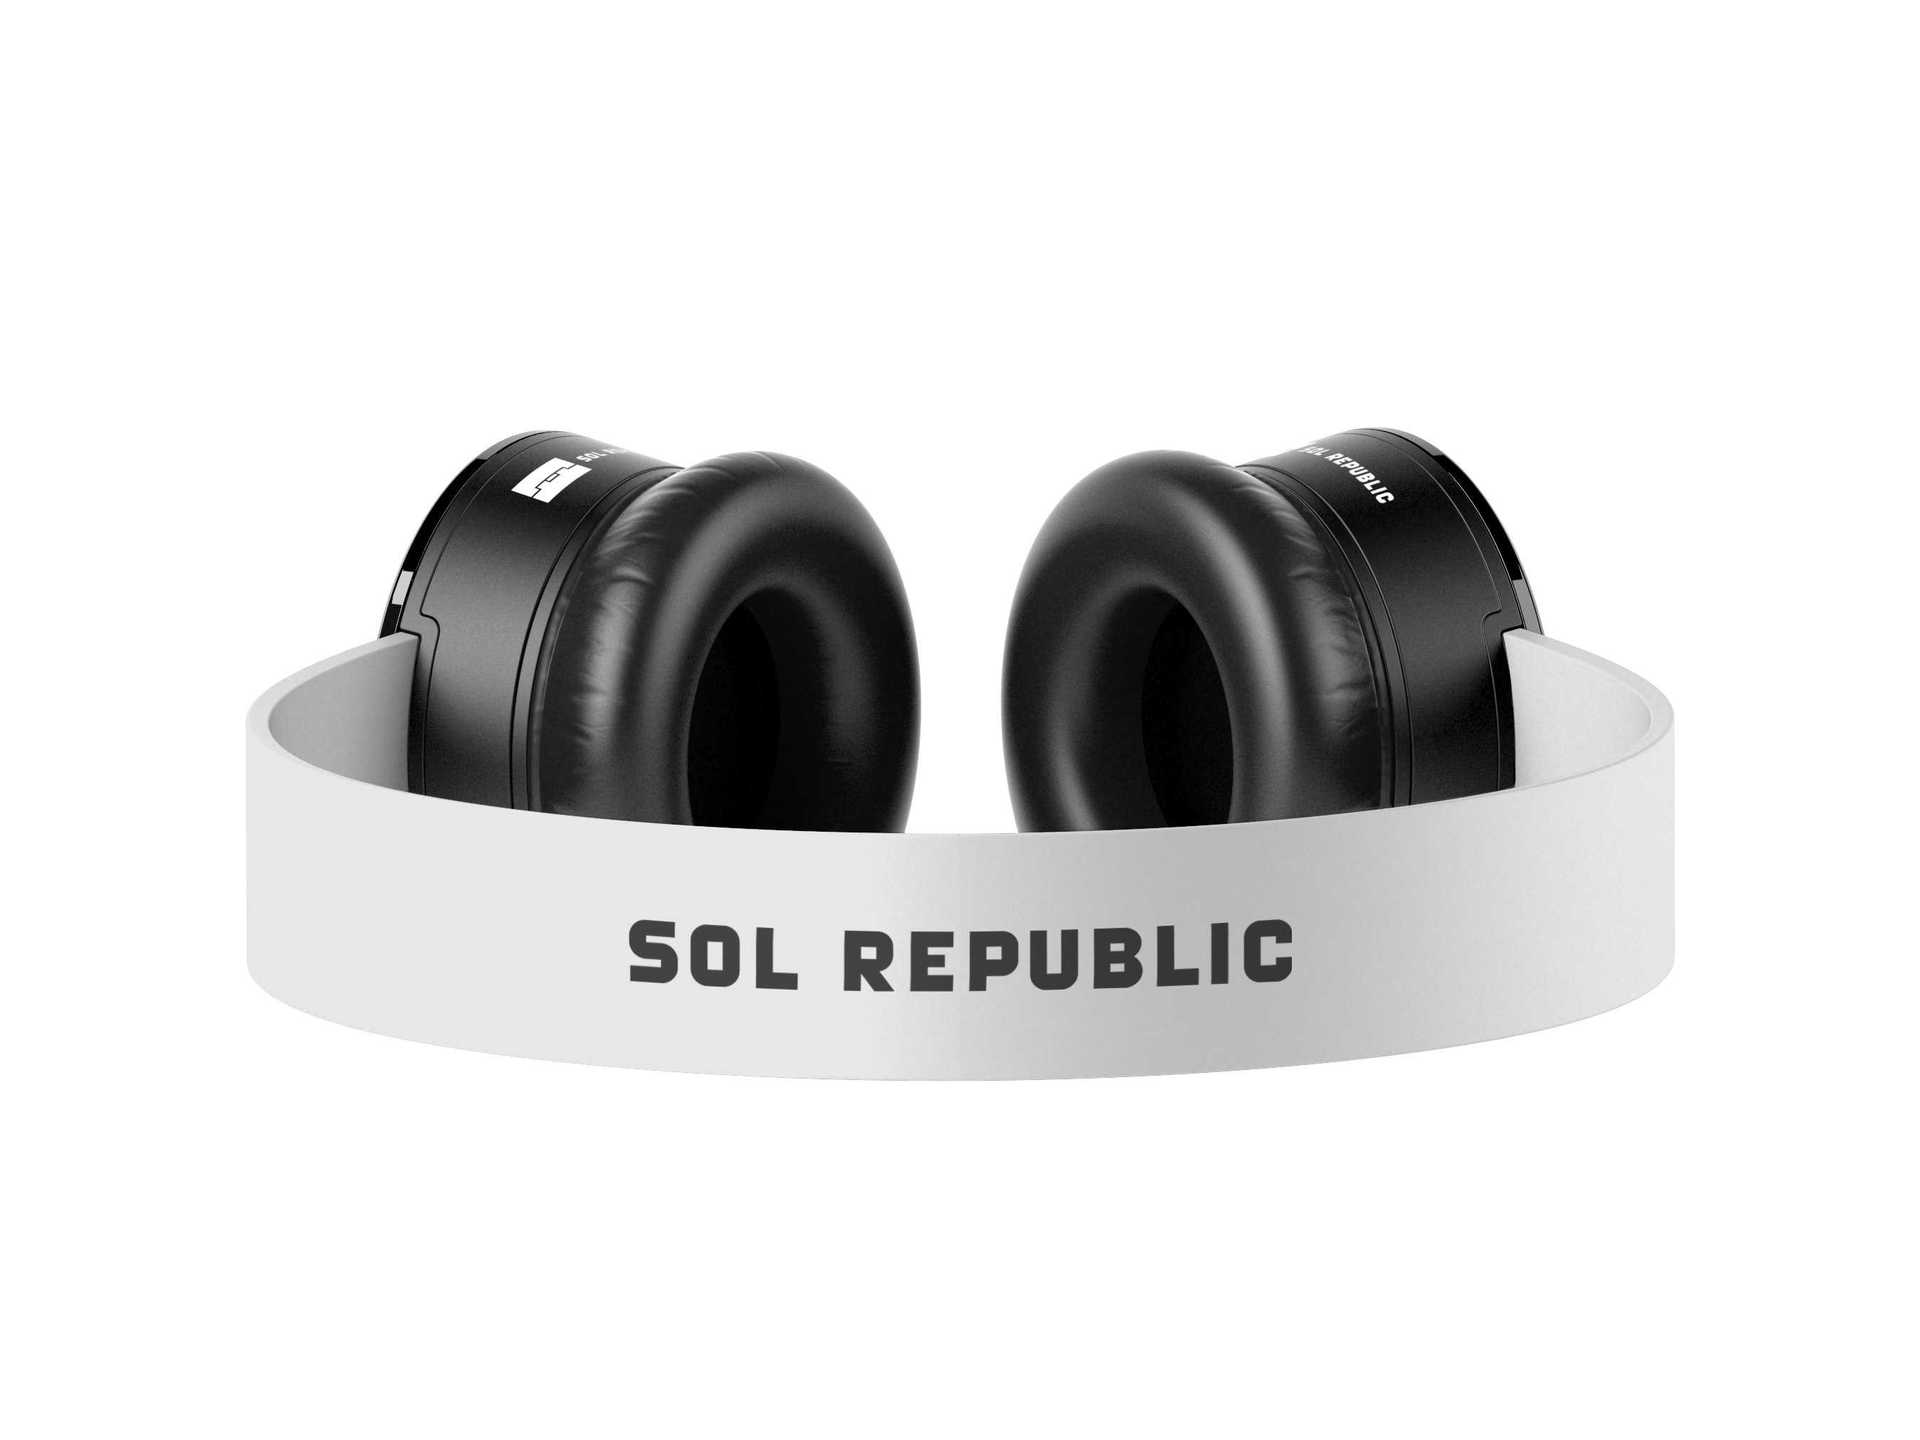 Arrivano le cuffie della SOL REPUBLIC ideali per un estate all'insegna della musica!